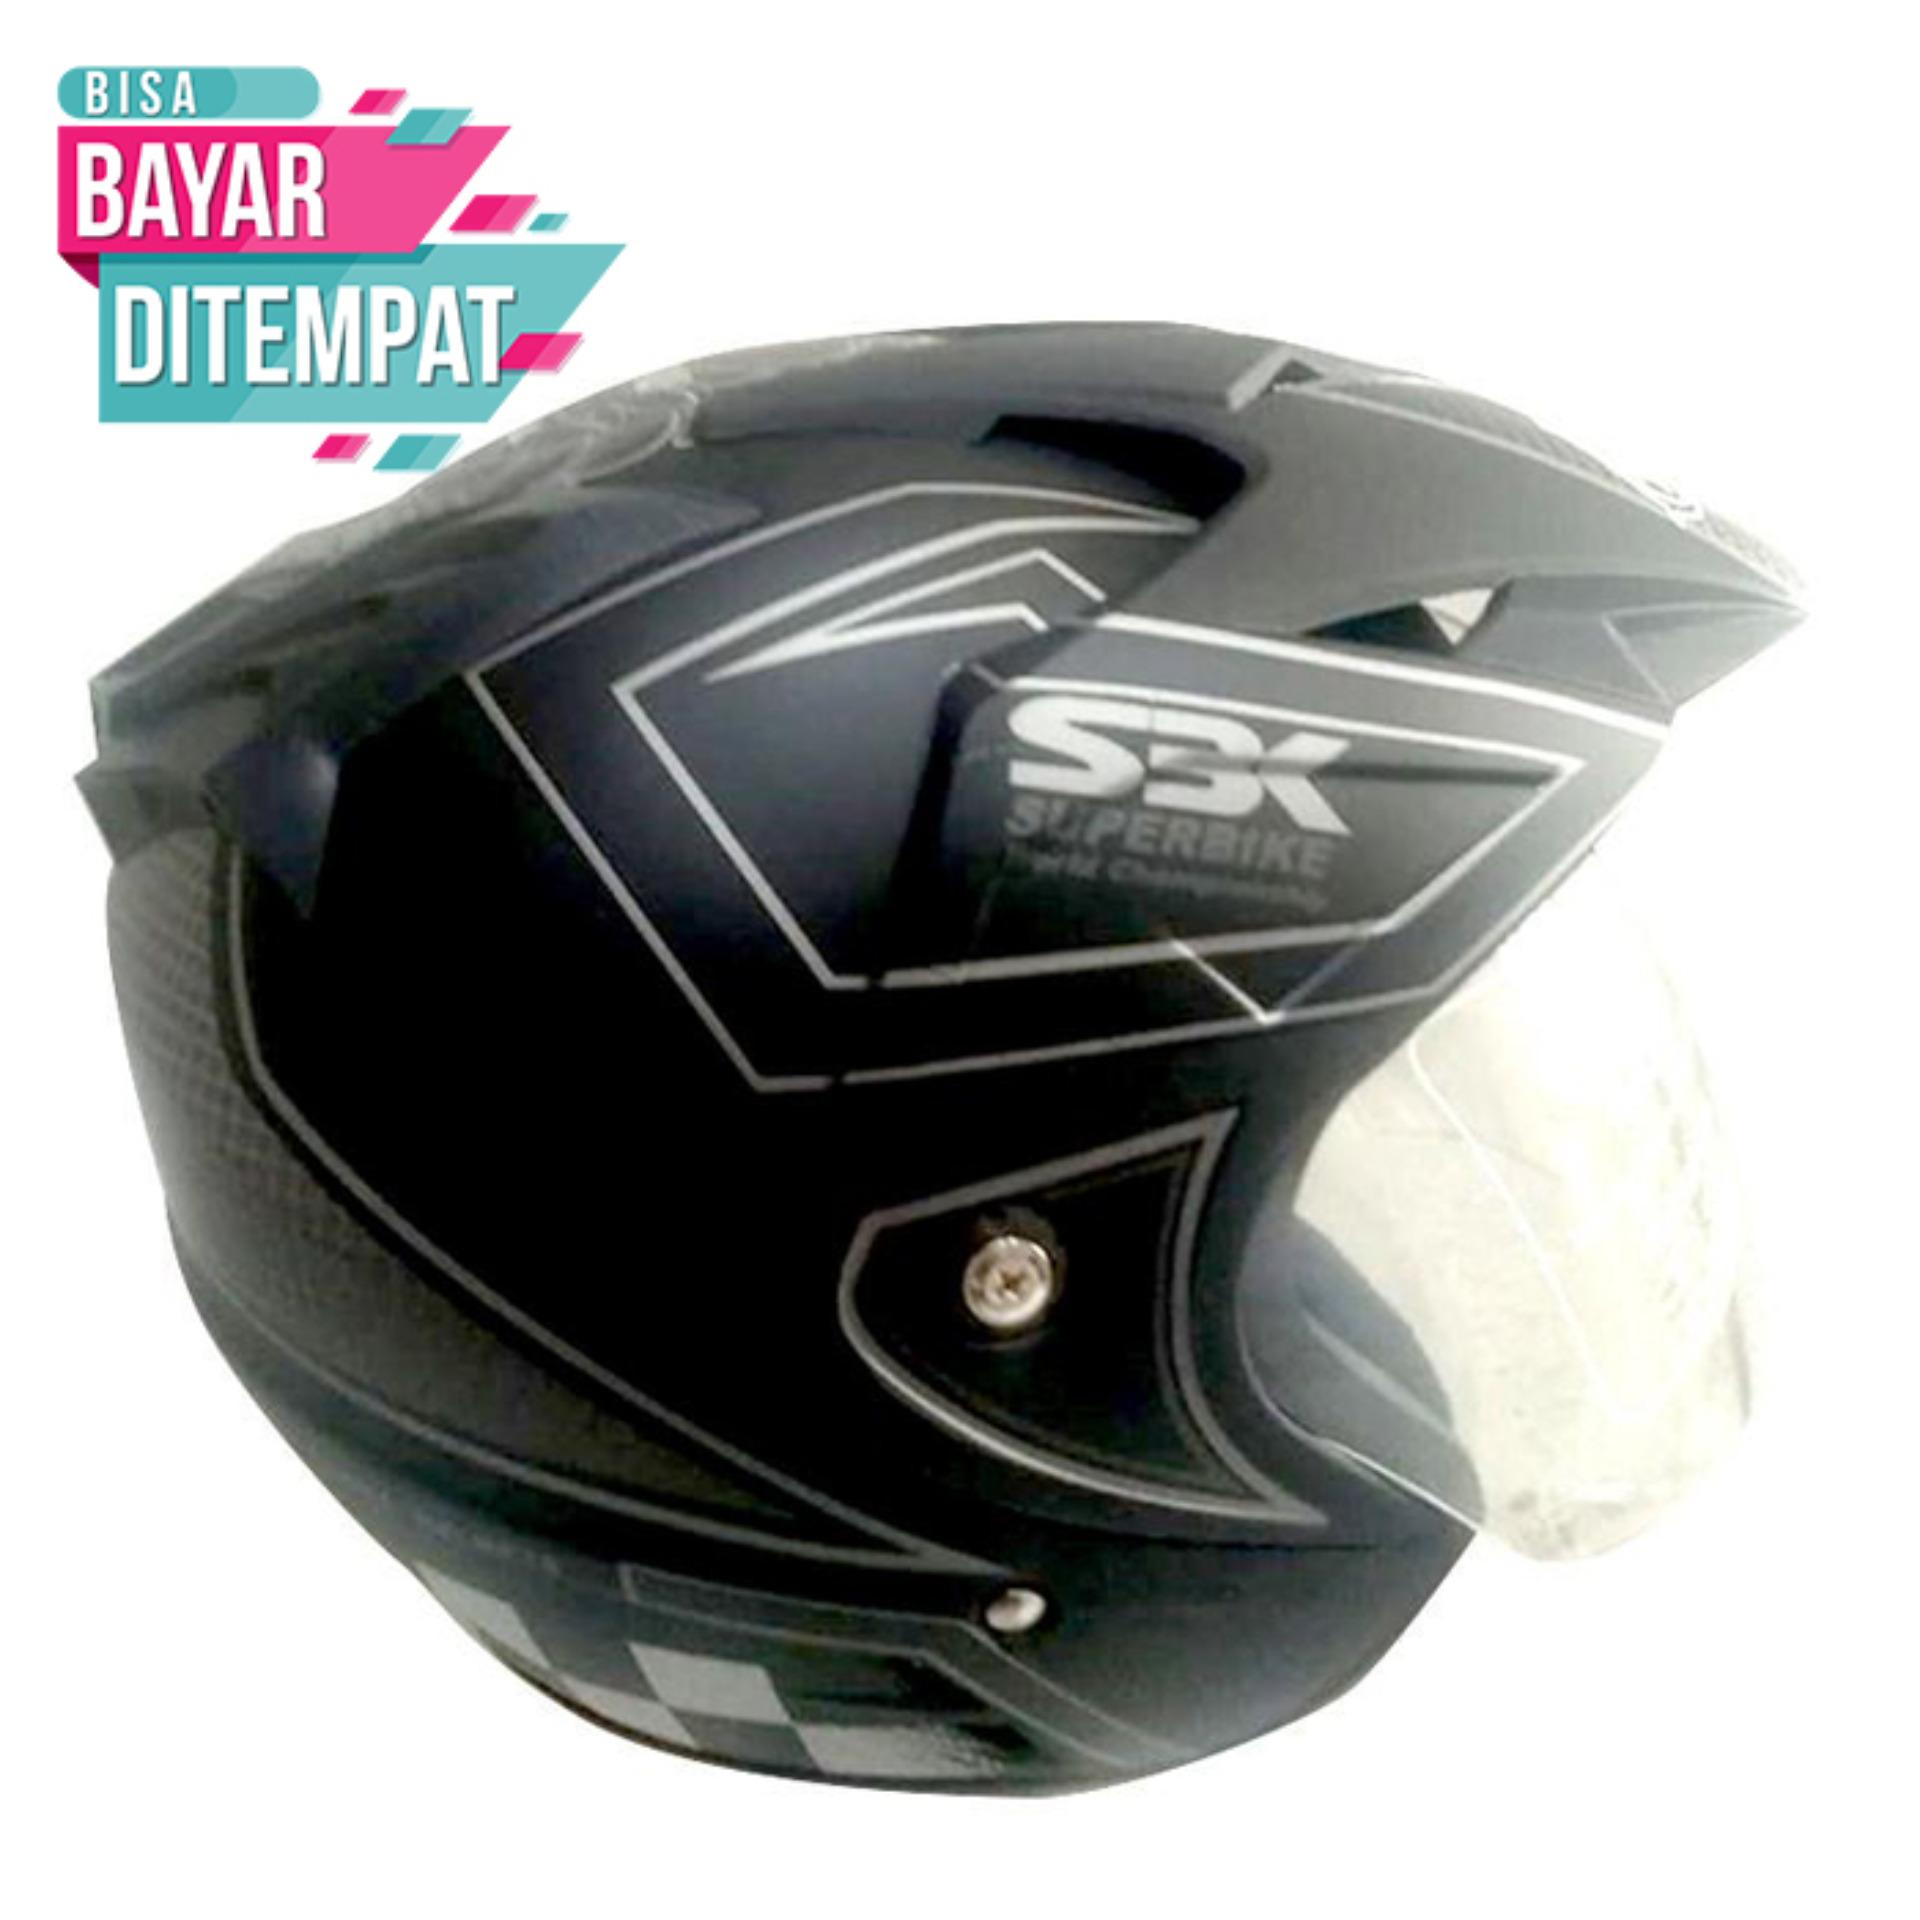 [Promo Best Seller] Helm Double Visor BXP Motif Moto GP 2 Kaca - Black Grey Kualitas Setara Helm KYT INK GM WTO MSR BMC NHK